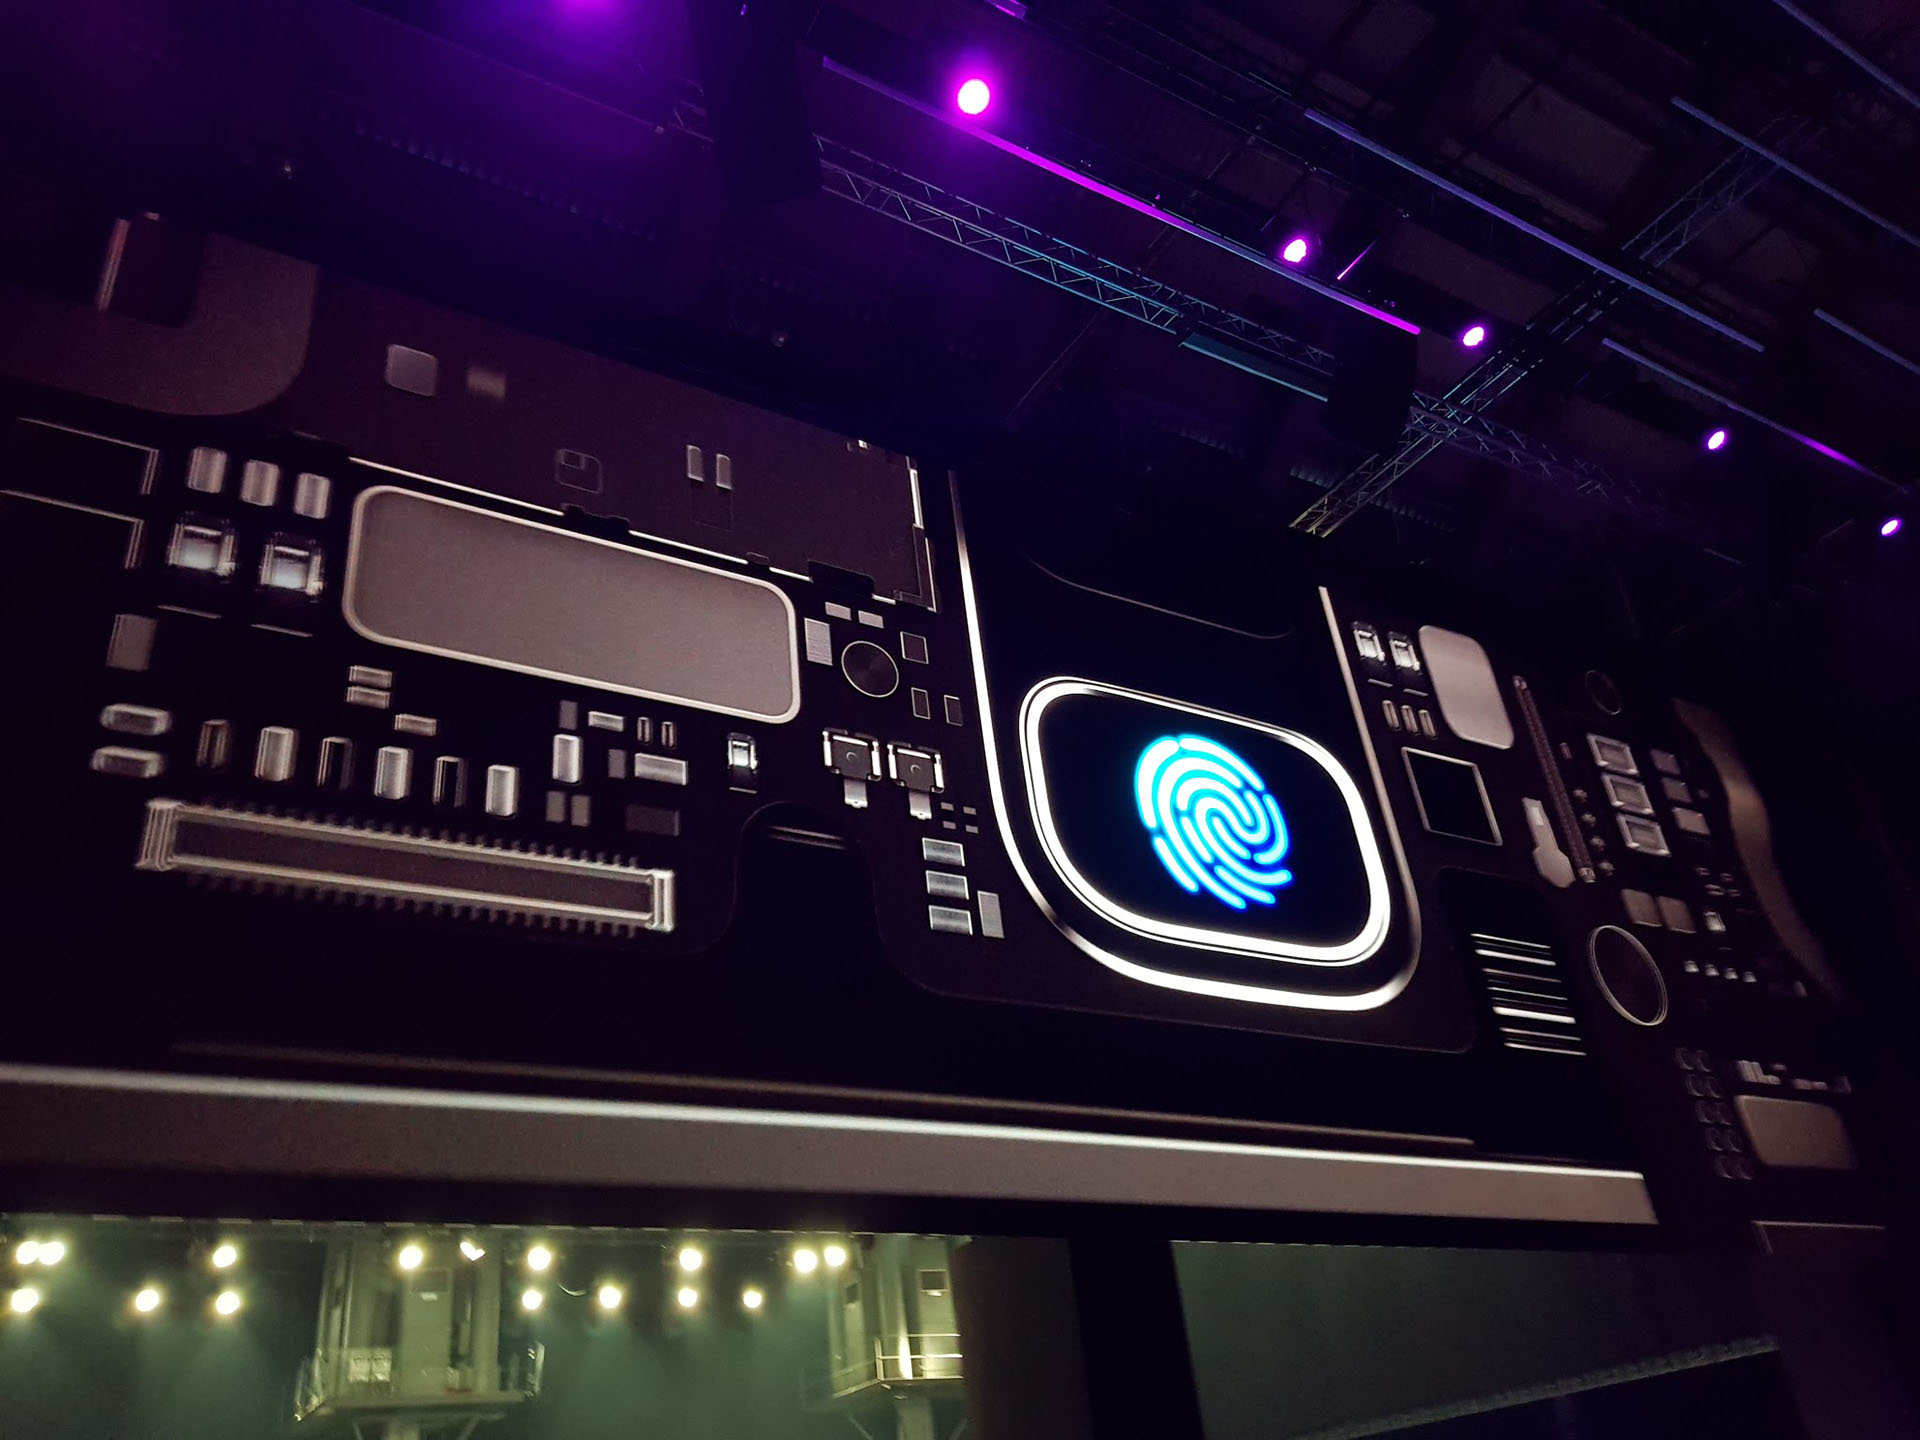 Bixby es parte integral del nuevo buque insignia de Samsung. Es un asistente virtual integrado al teléfono: basta apuntar la cámara a diferentes objetos para que el sistema haga un reconocimiento inteligente de ellos y ofrezca información en tiempo real